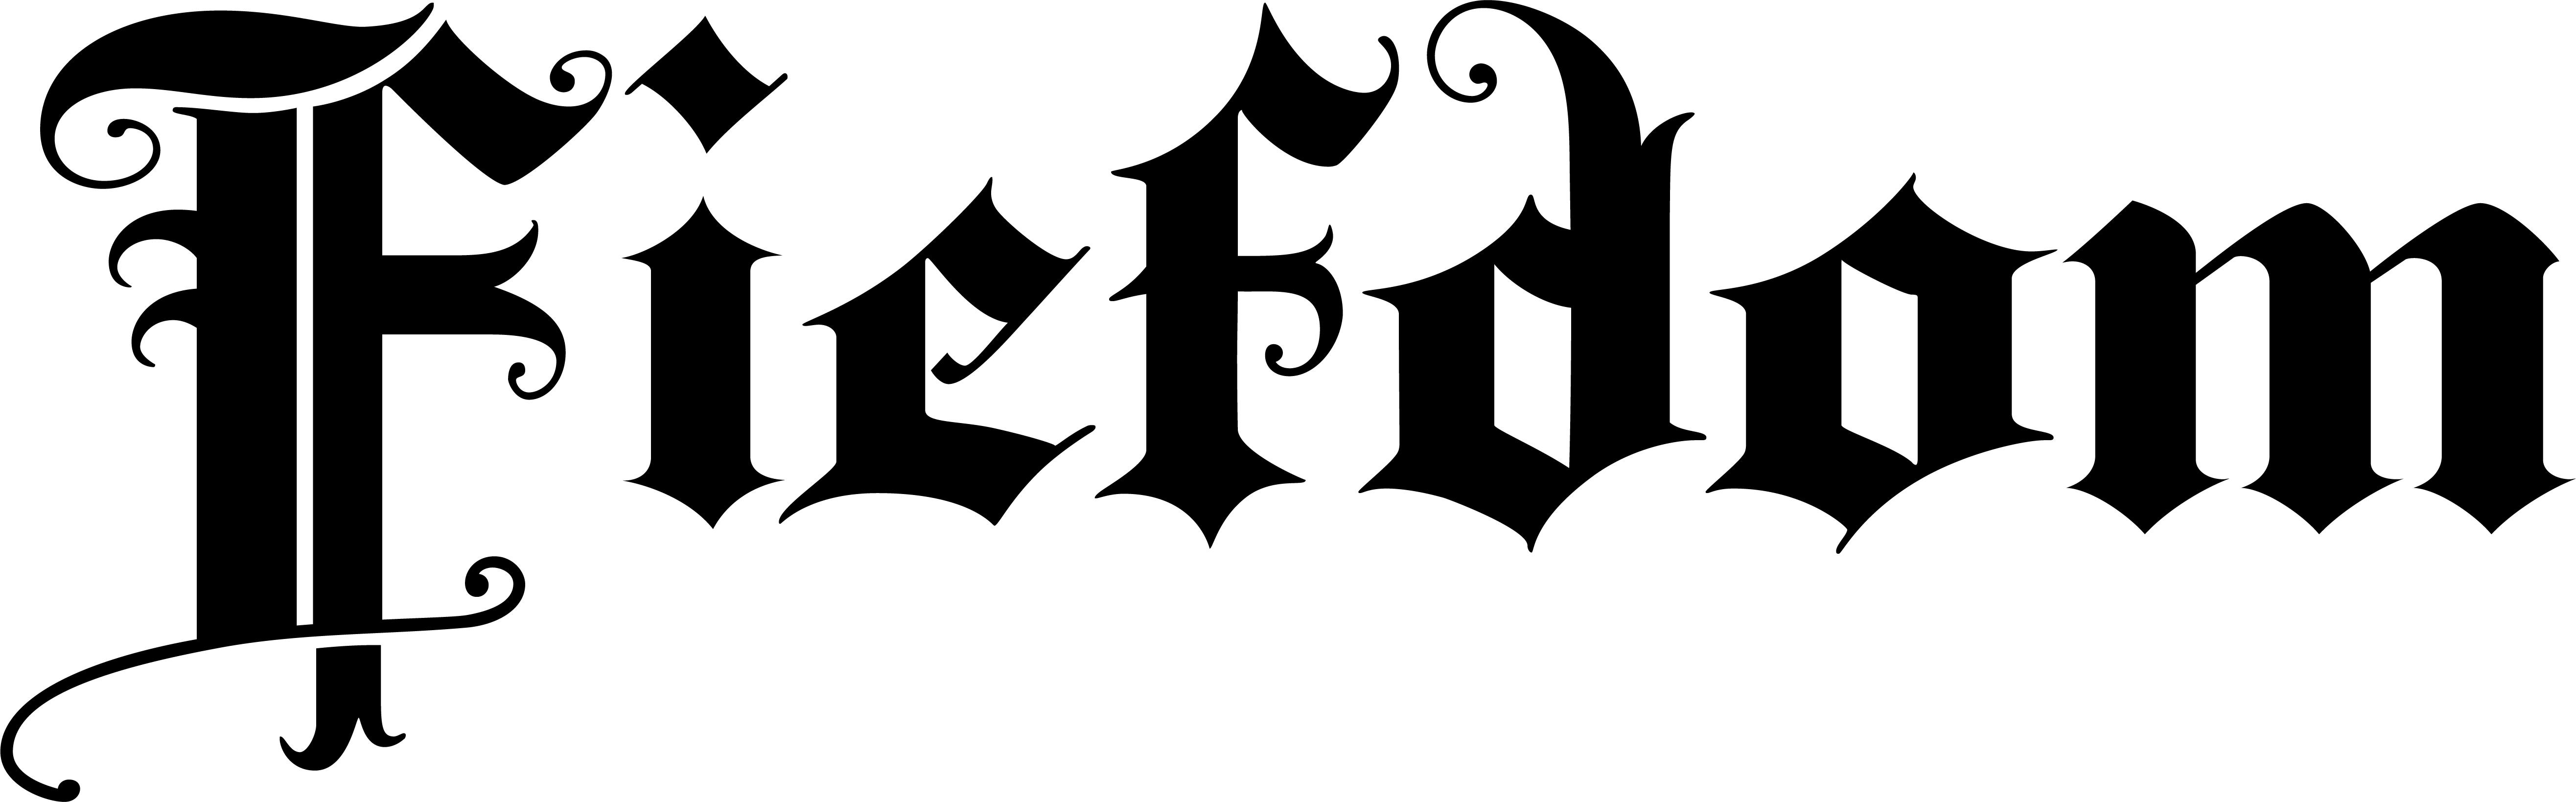 fiefdom single speed bike logo